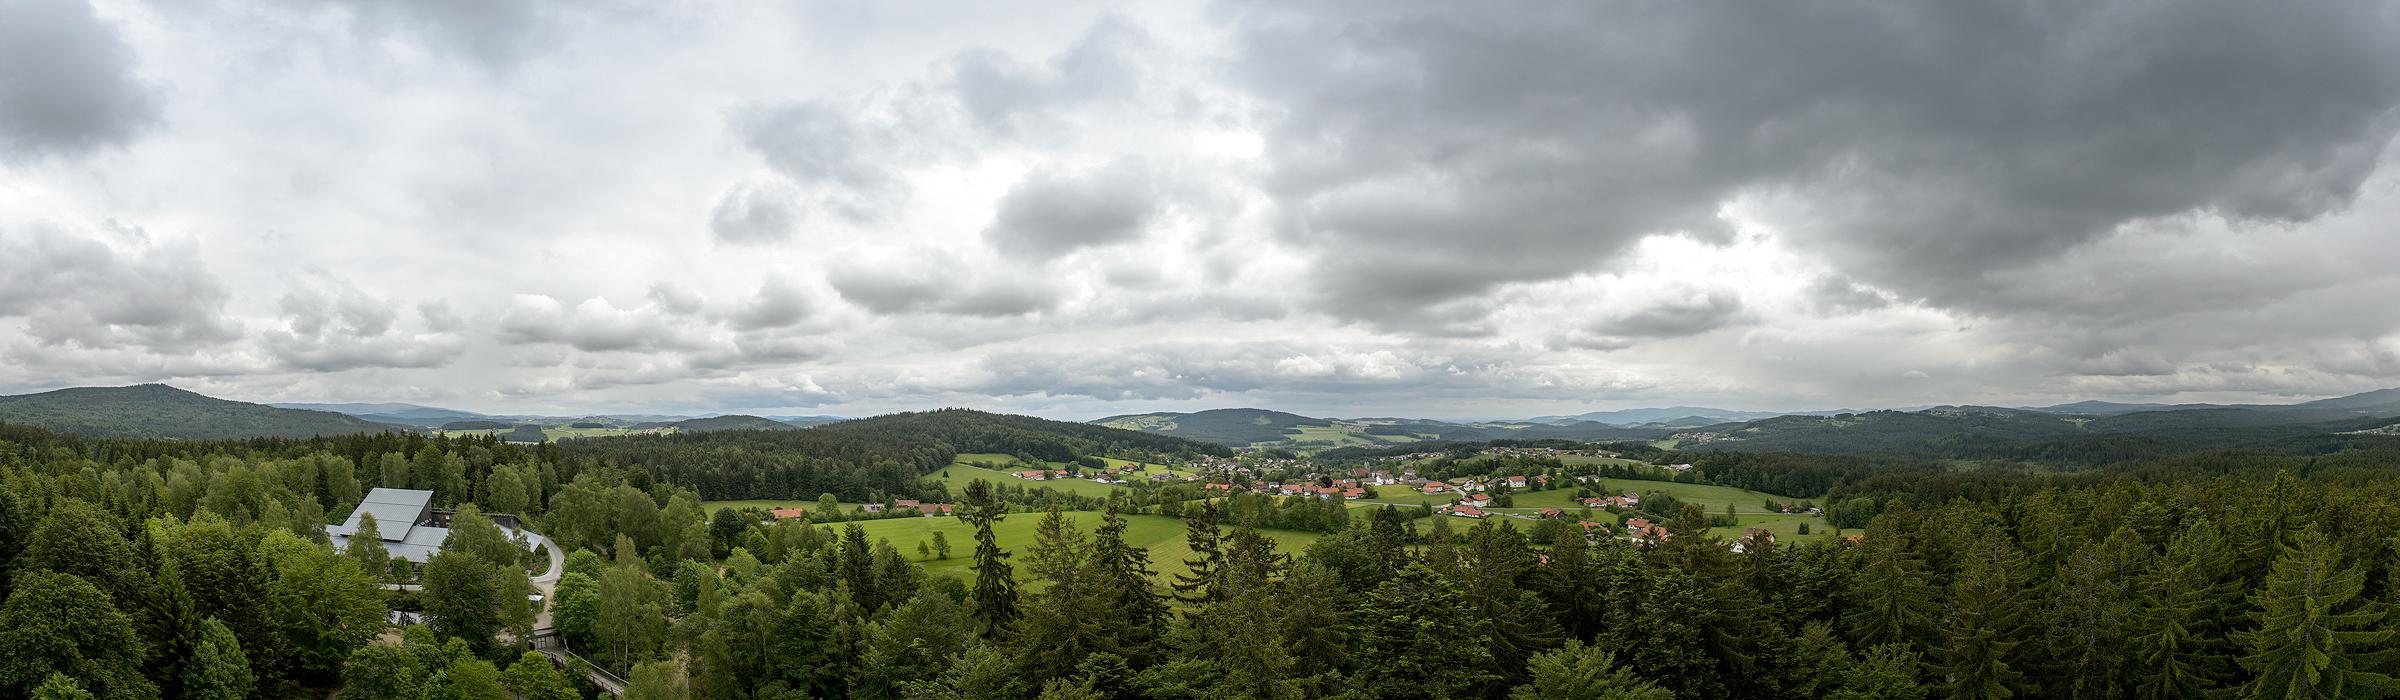 Panoramaufnahme im Bayerischen Wald